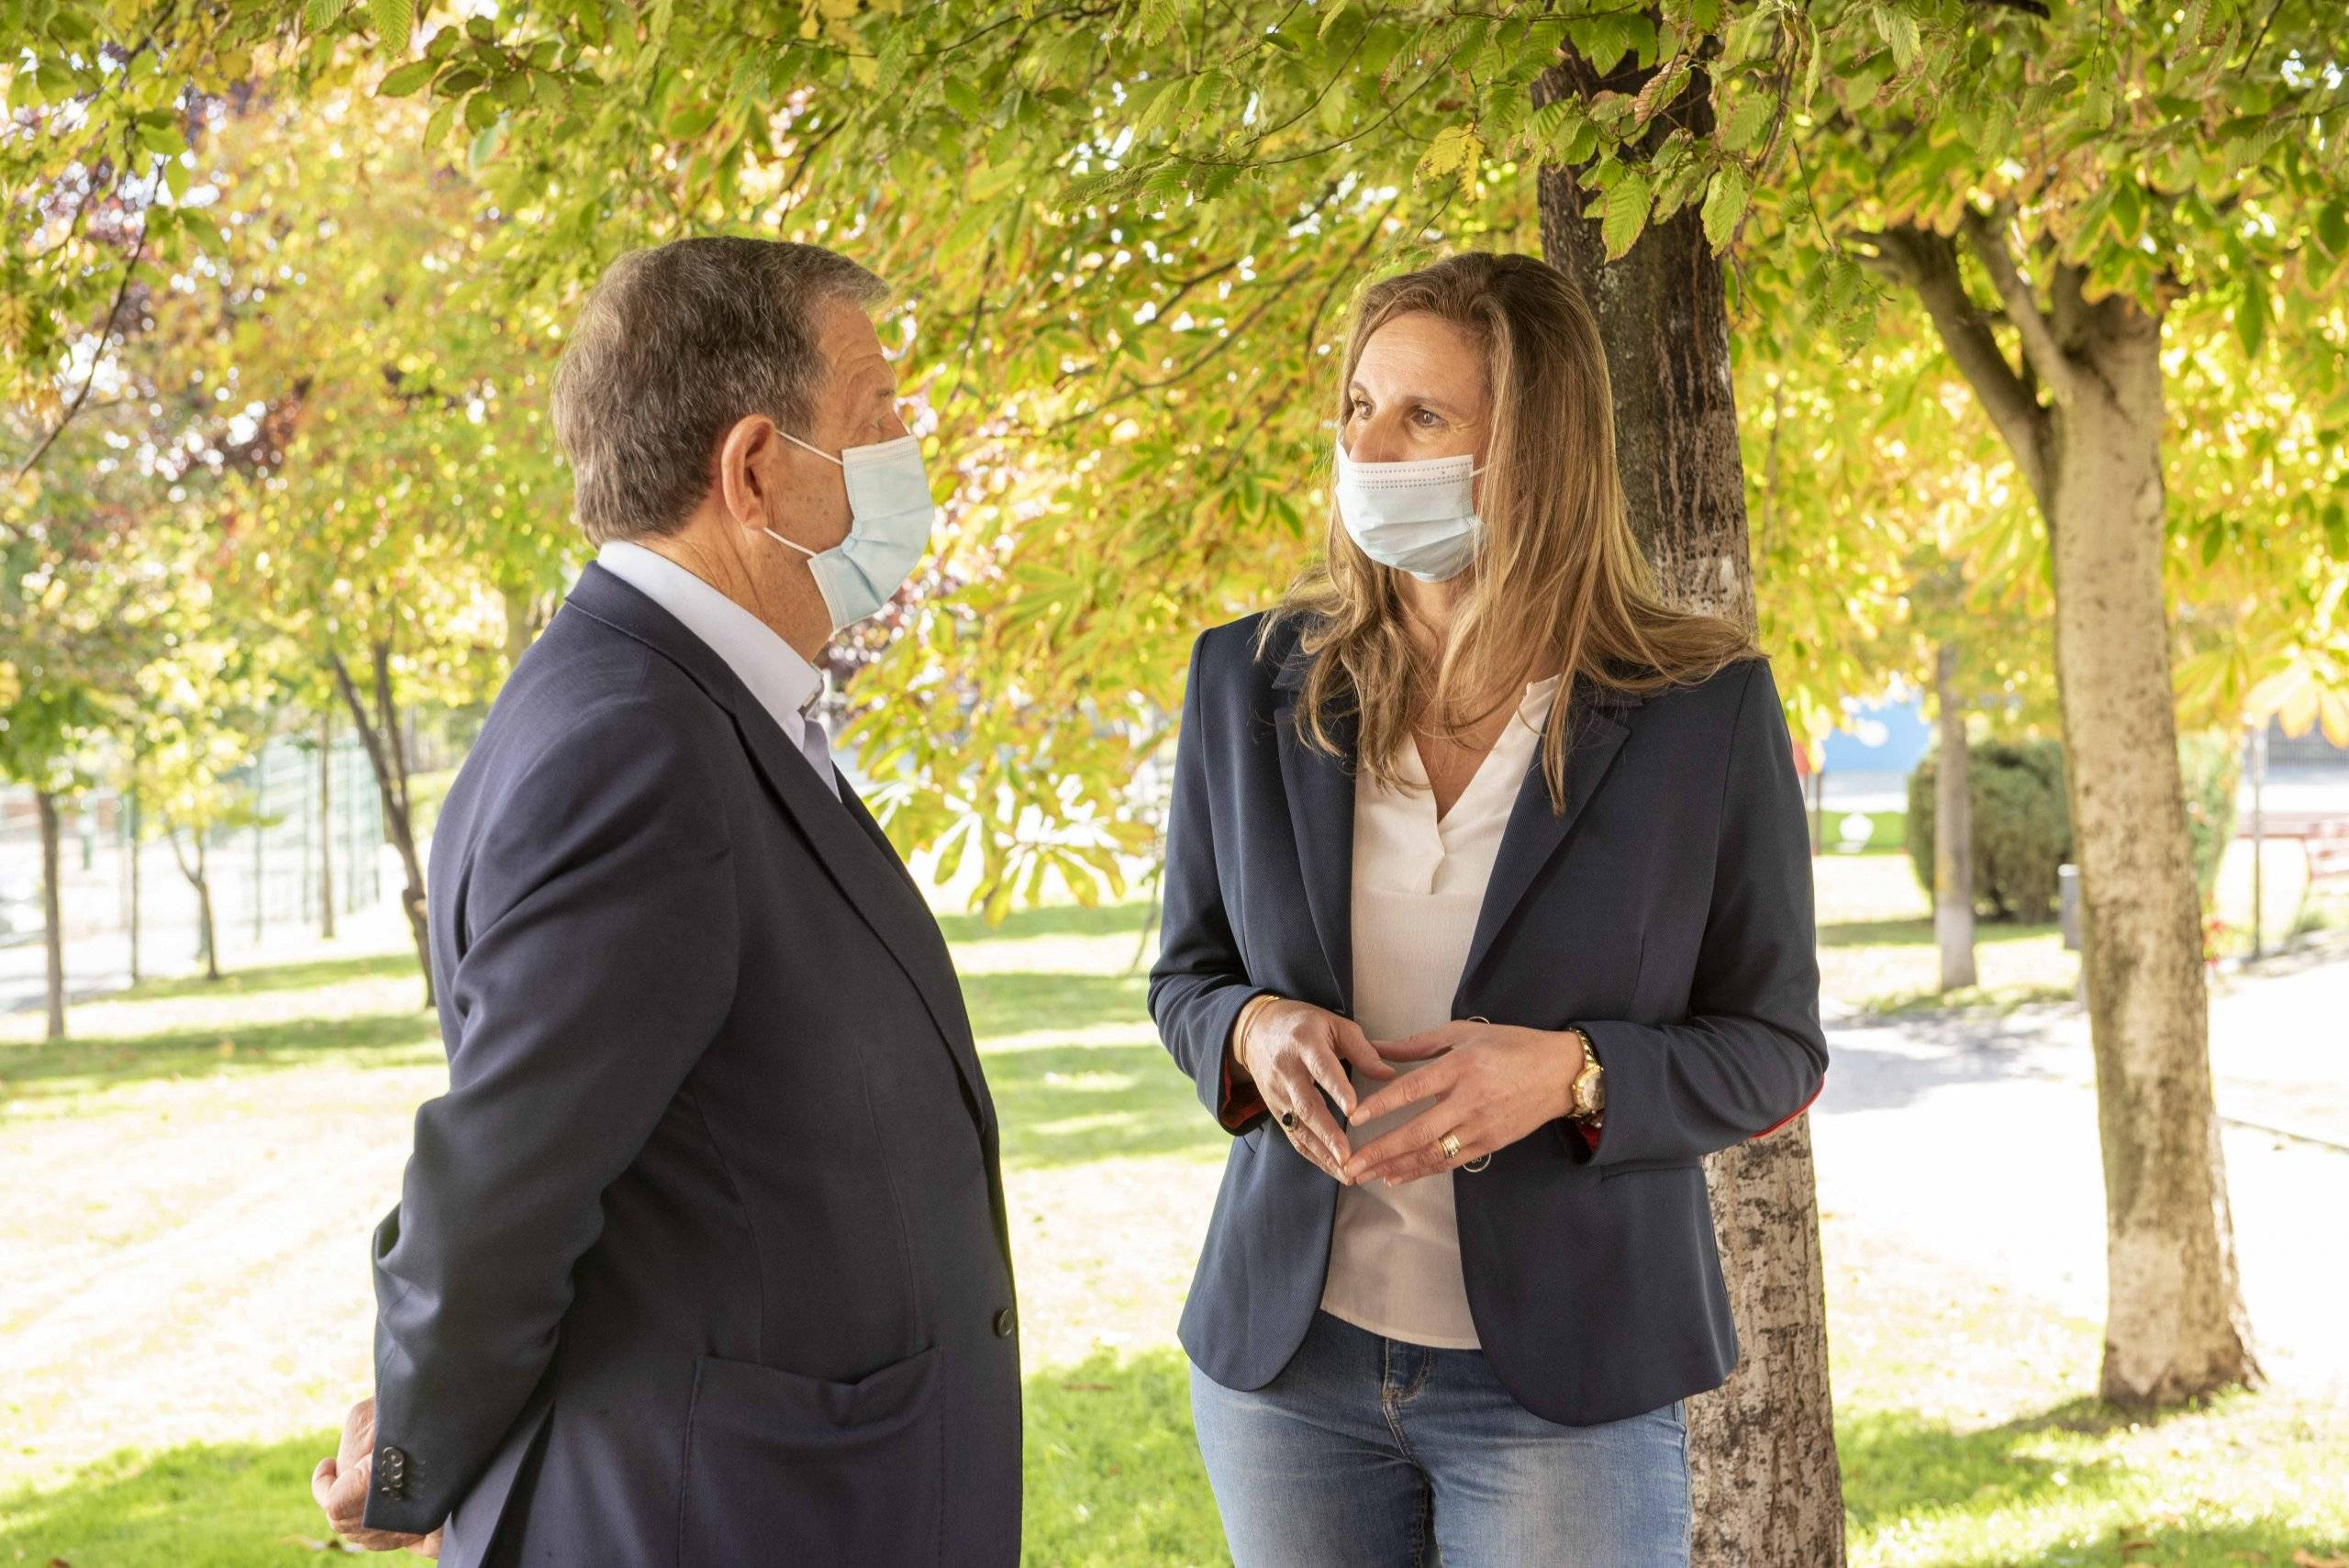 El alcalde, Luis Partida, conversando con la consejera de Medio Ambiente, Paloma Martín.